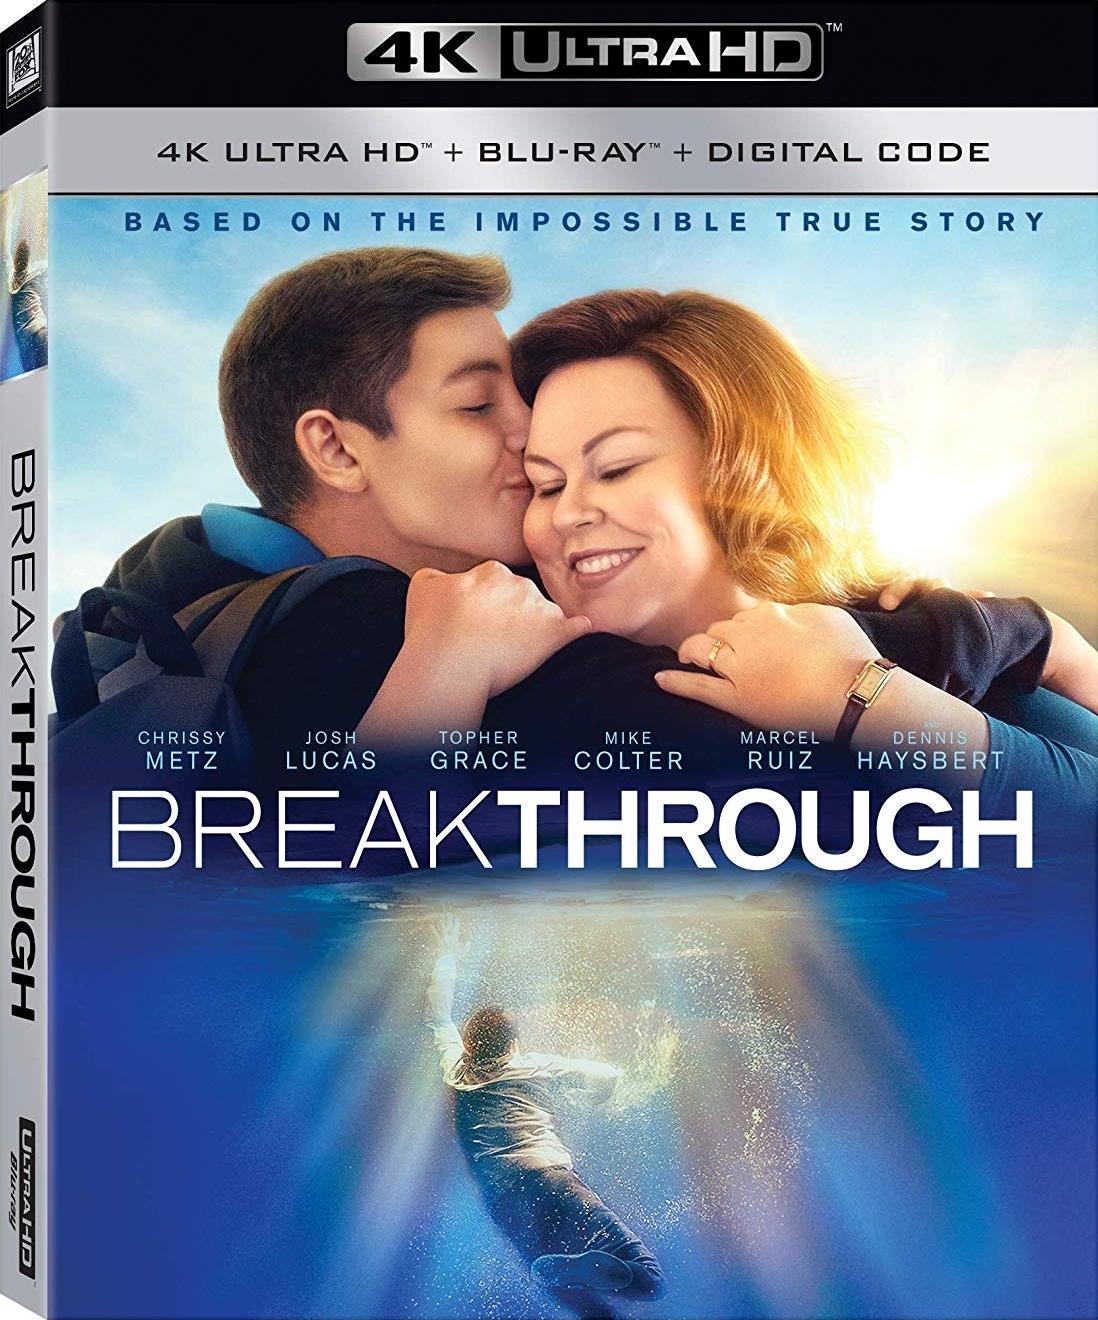 Breakthrough (4K Ultra HD Blu-ray)(Pre-order / TBA)